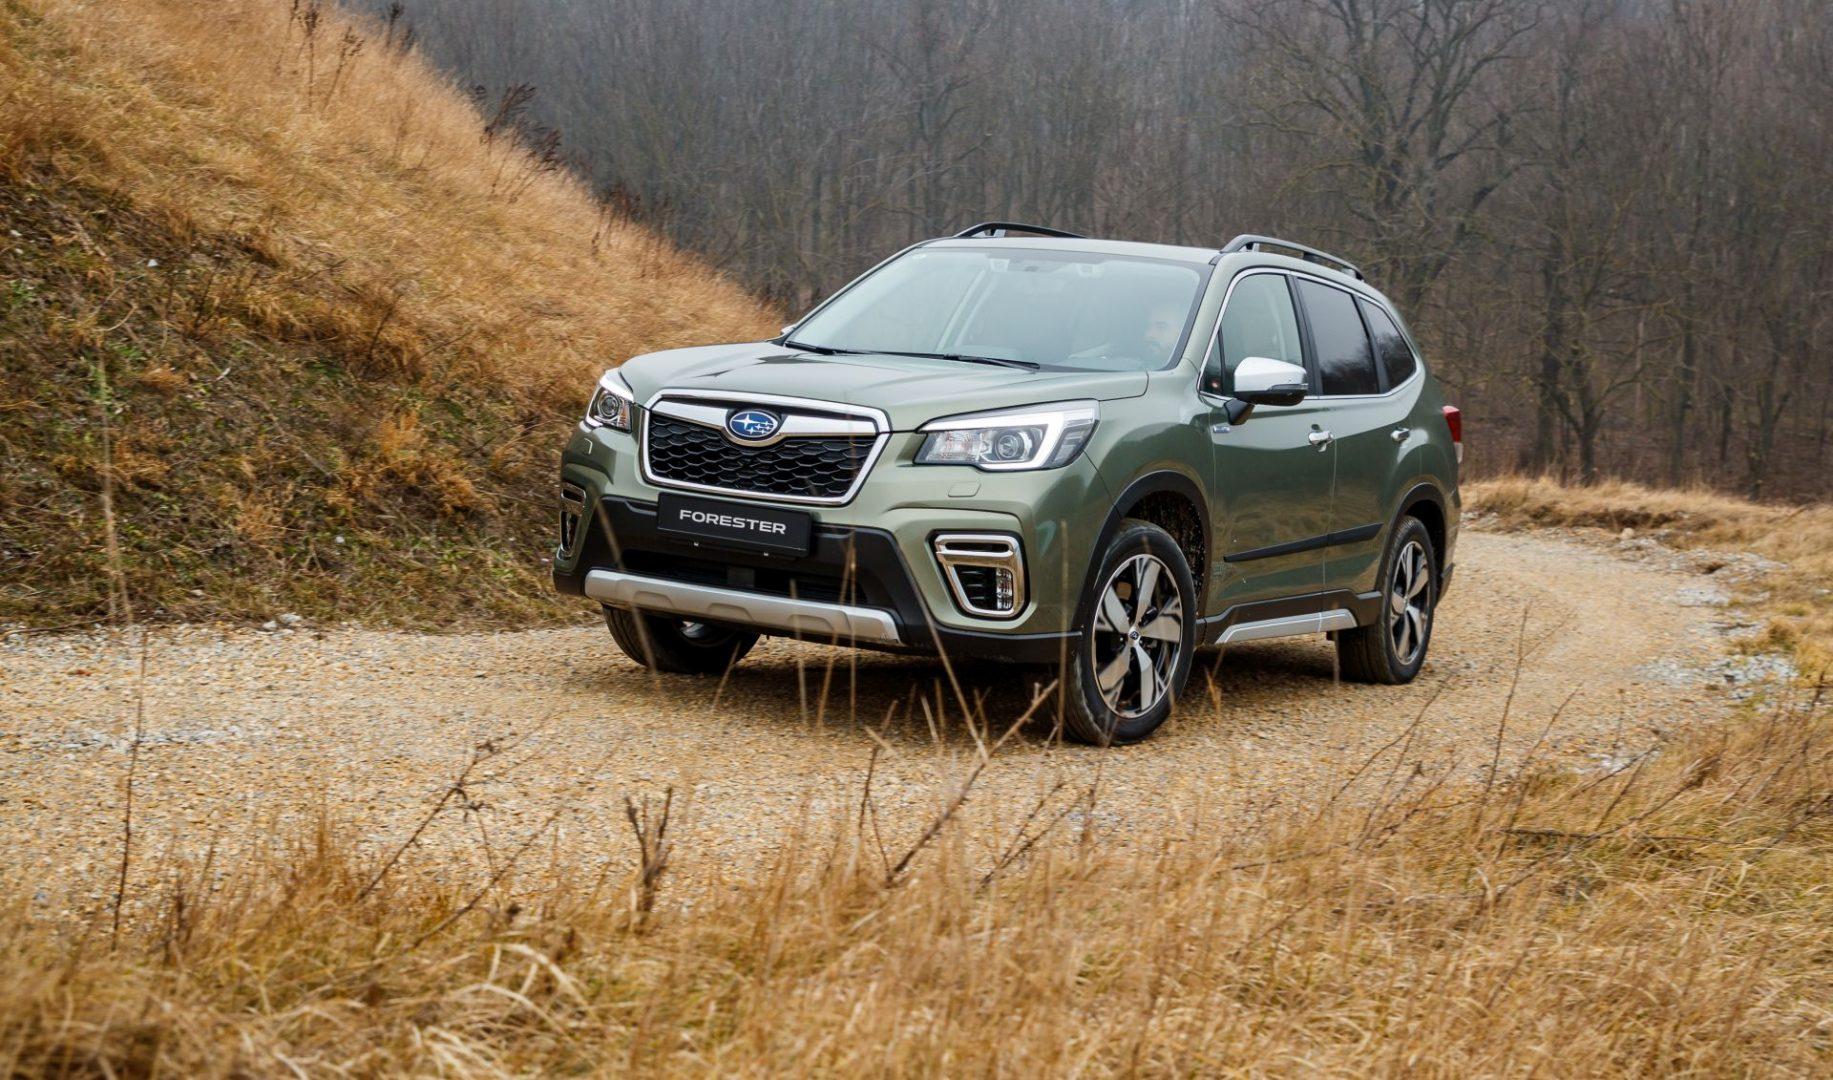 Nova generacija Subaru Forestera će dolaziti s Toyotinom hibridnom tehnologijom